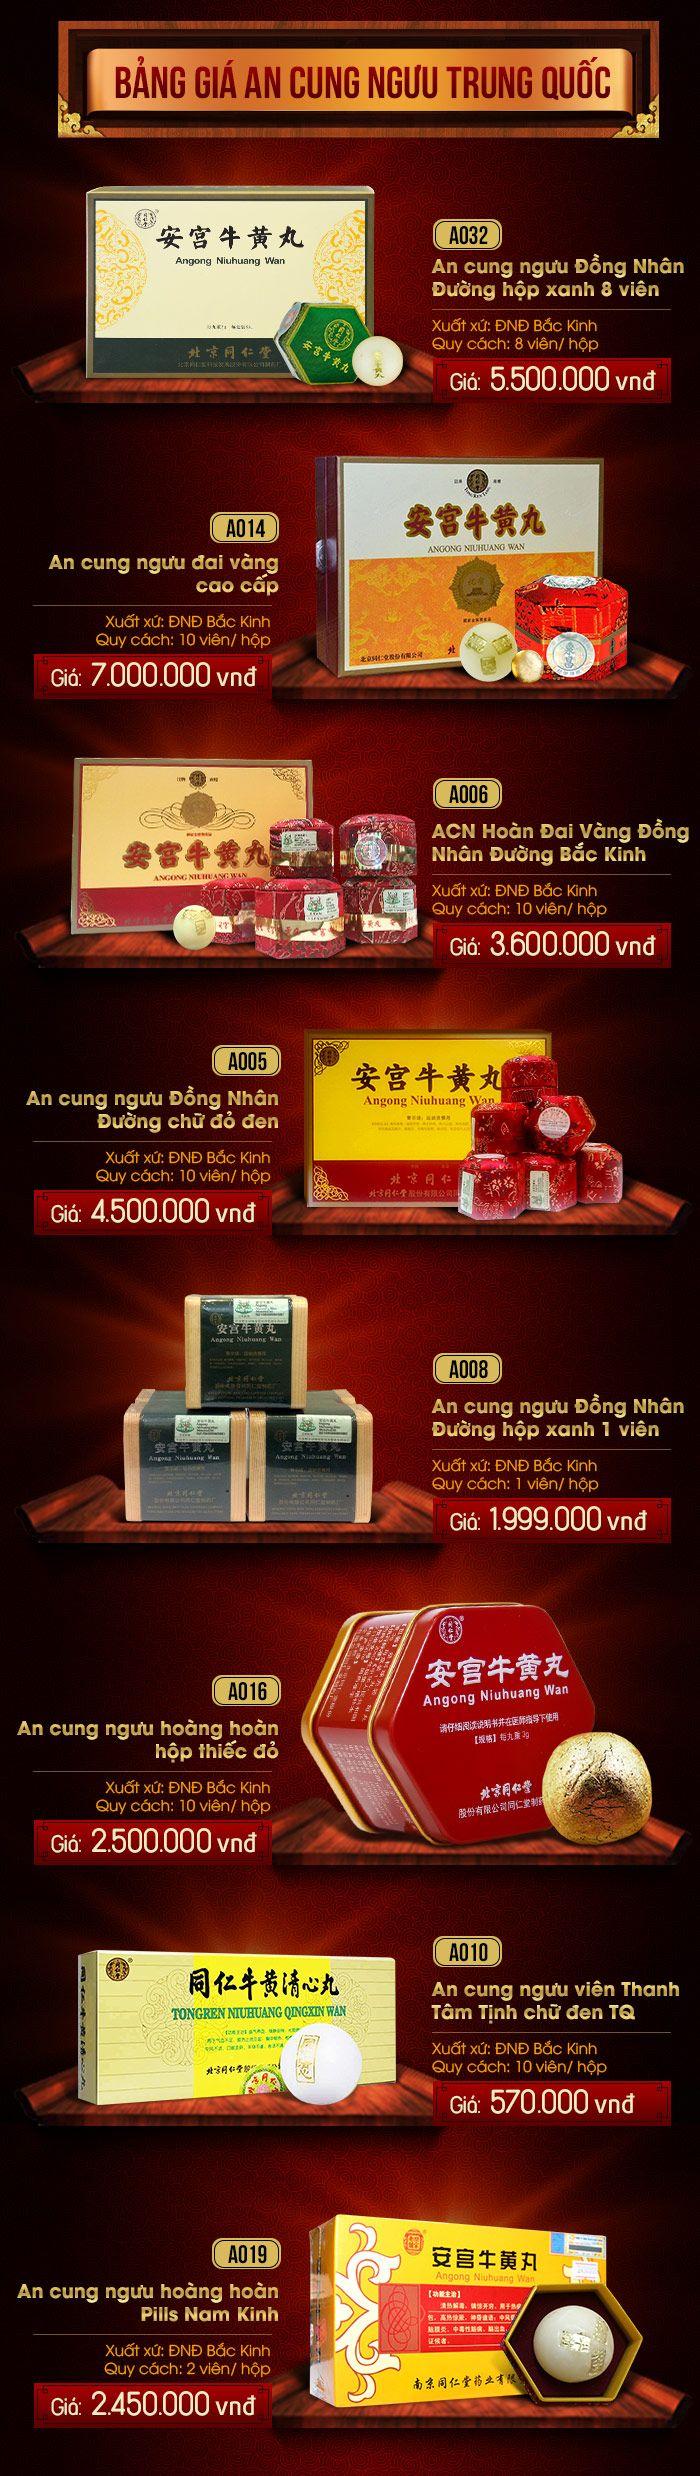 Bảng giá an cung ngưu hoàng hoàn Trung Quốc